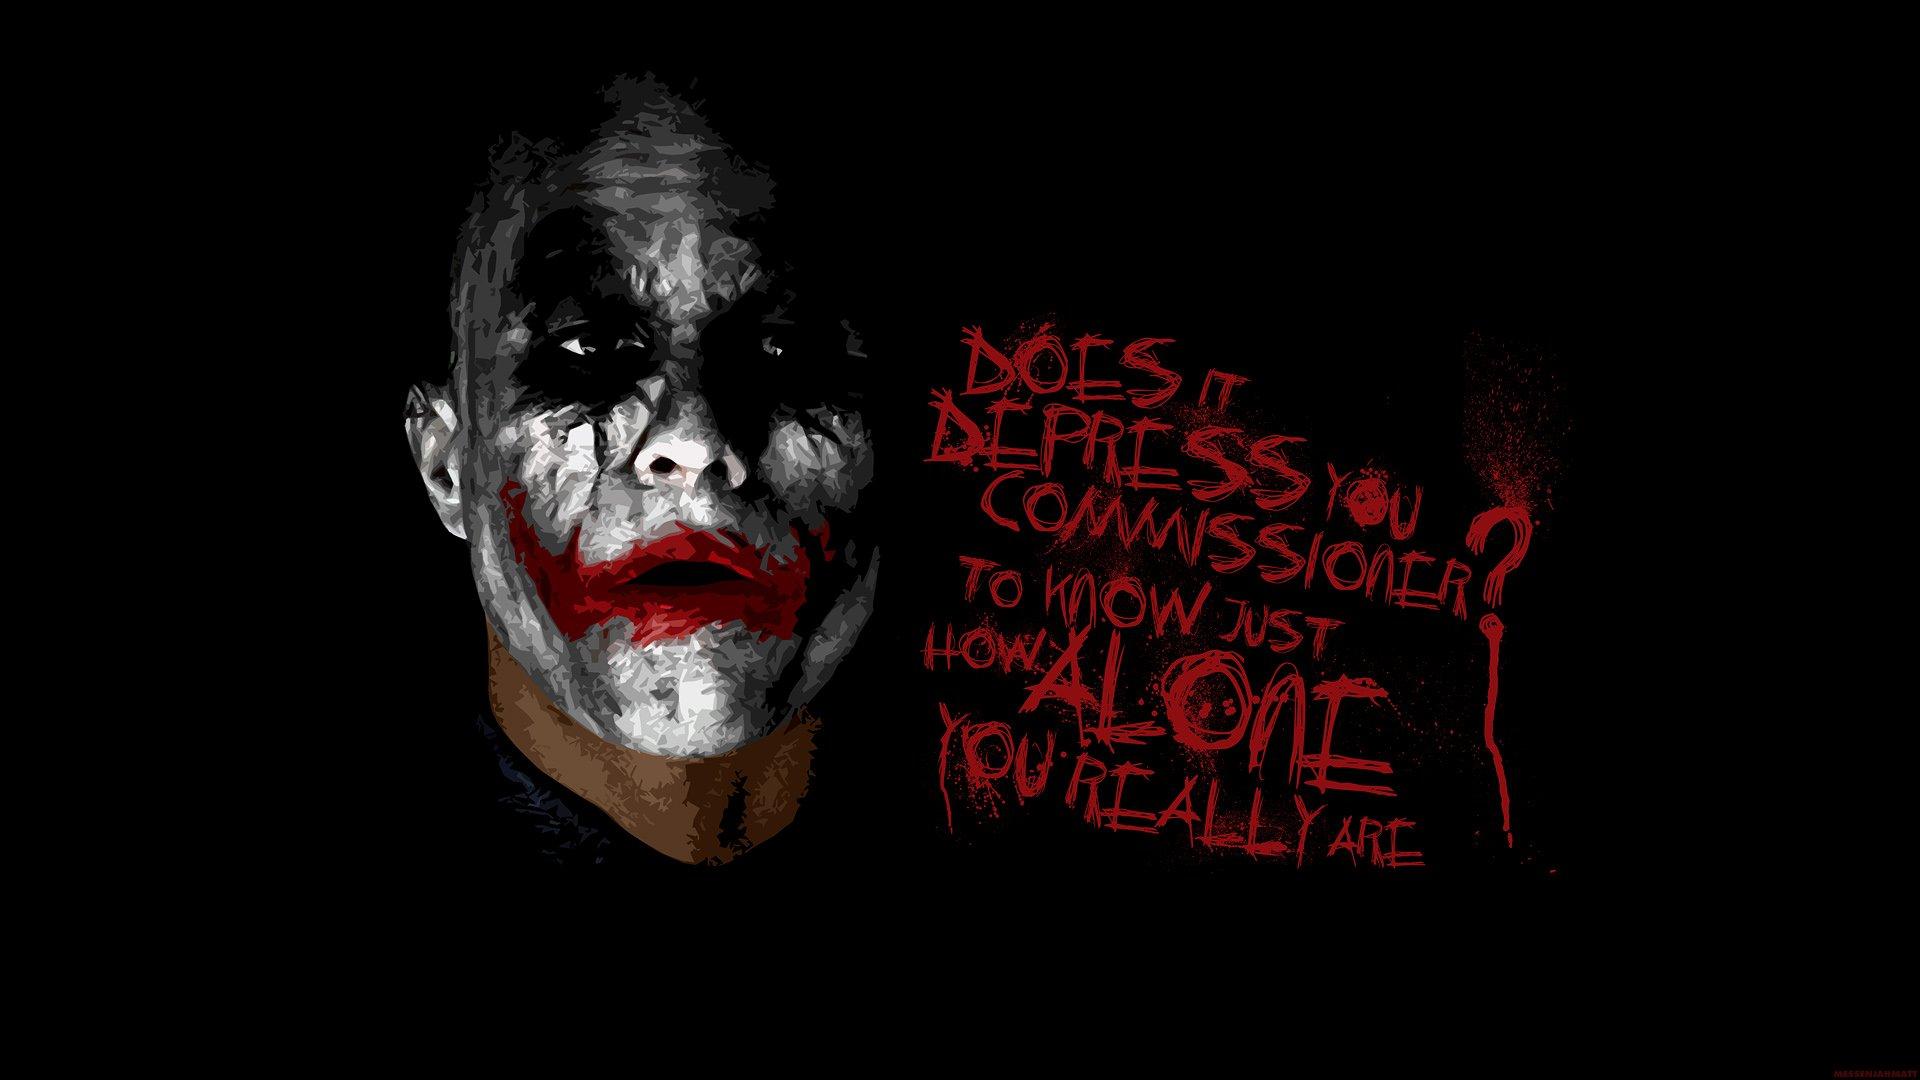 The Dark Knight Joker Quotes Wallpaper